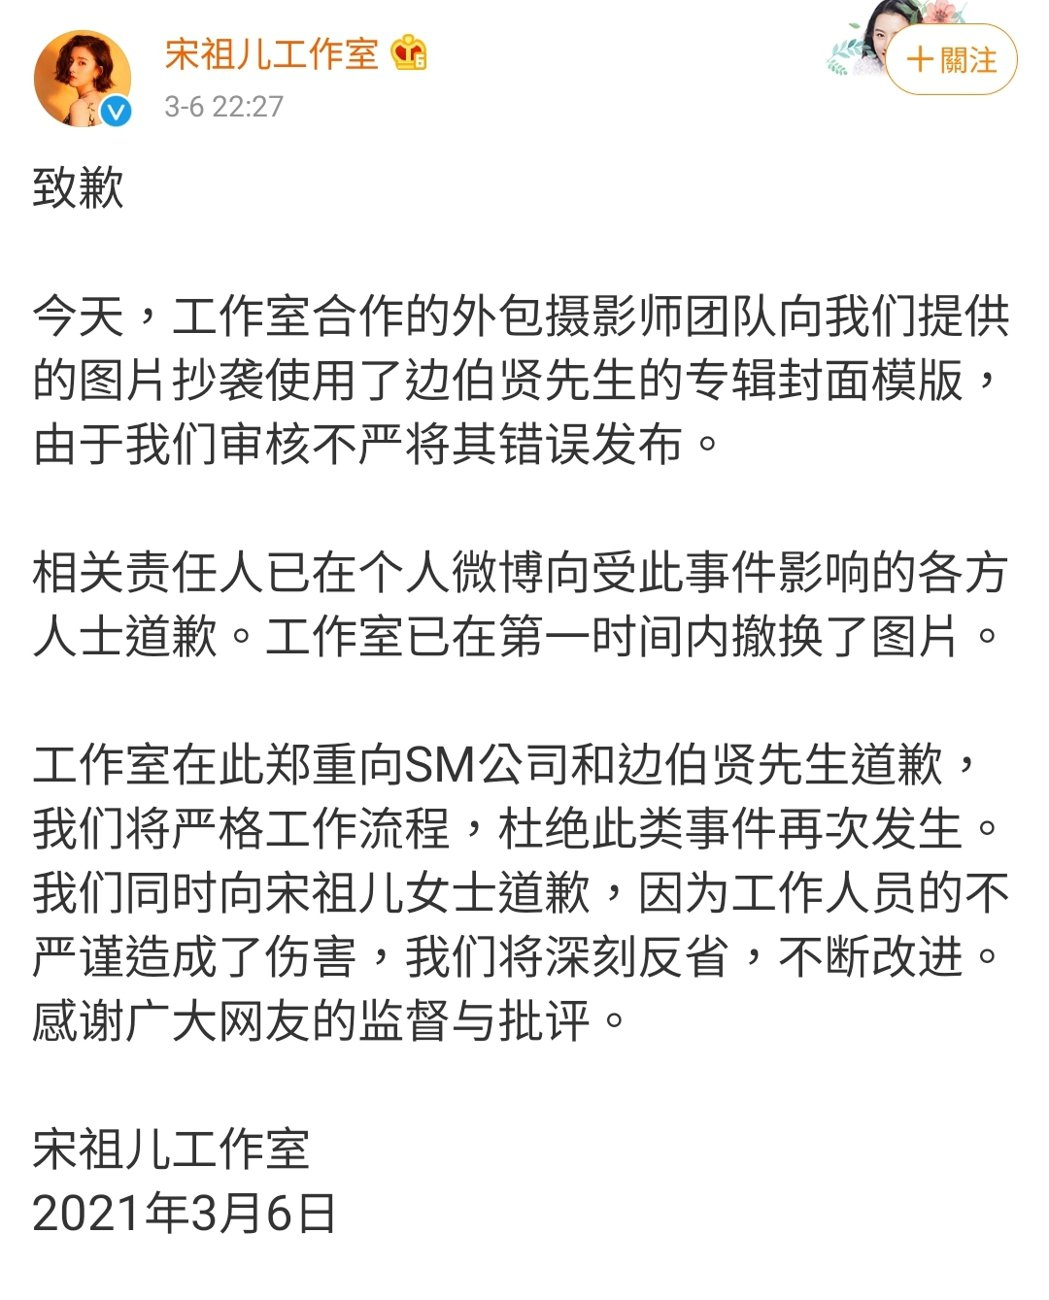 宋祖兒工作室發出聲明道歉。 圖/擷自宋祖兒工作室微博